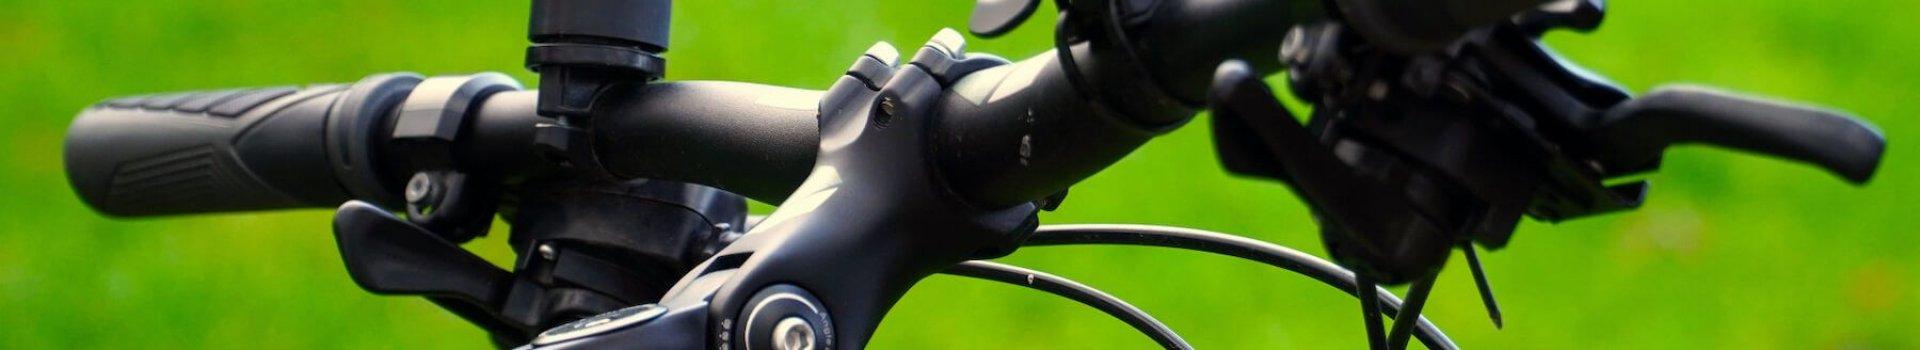 Mostek rowerowy, który podoła wszelkim zadaniom specjalnym